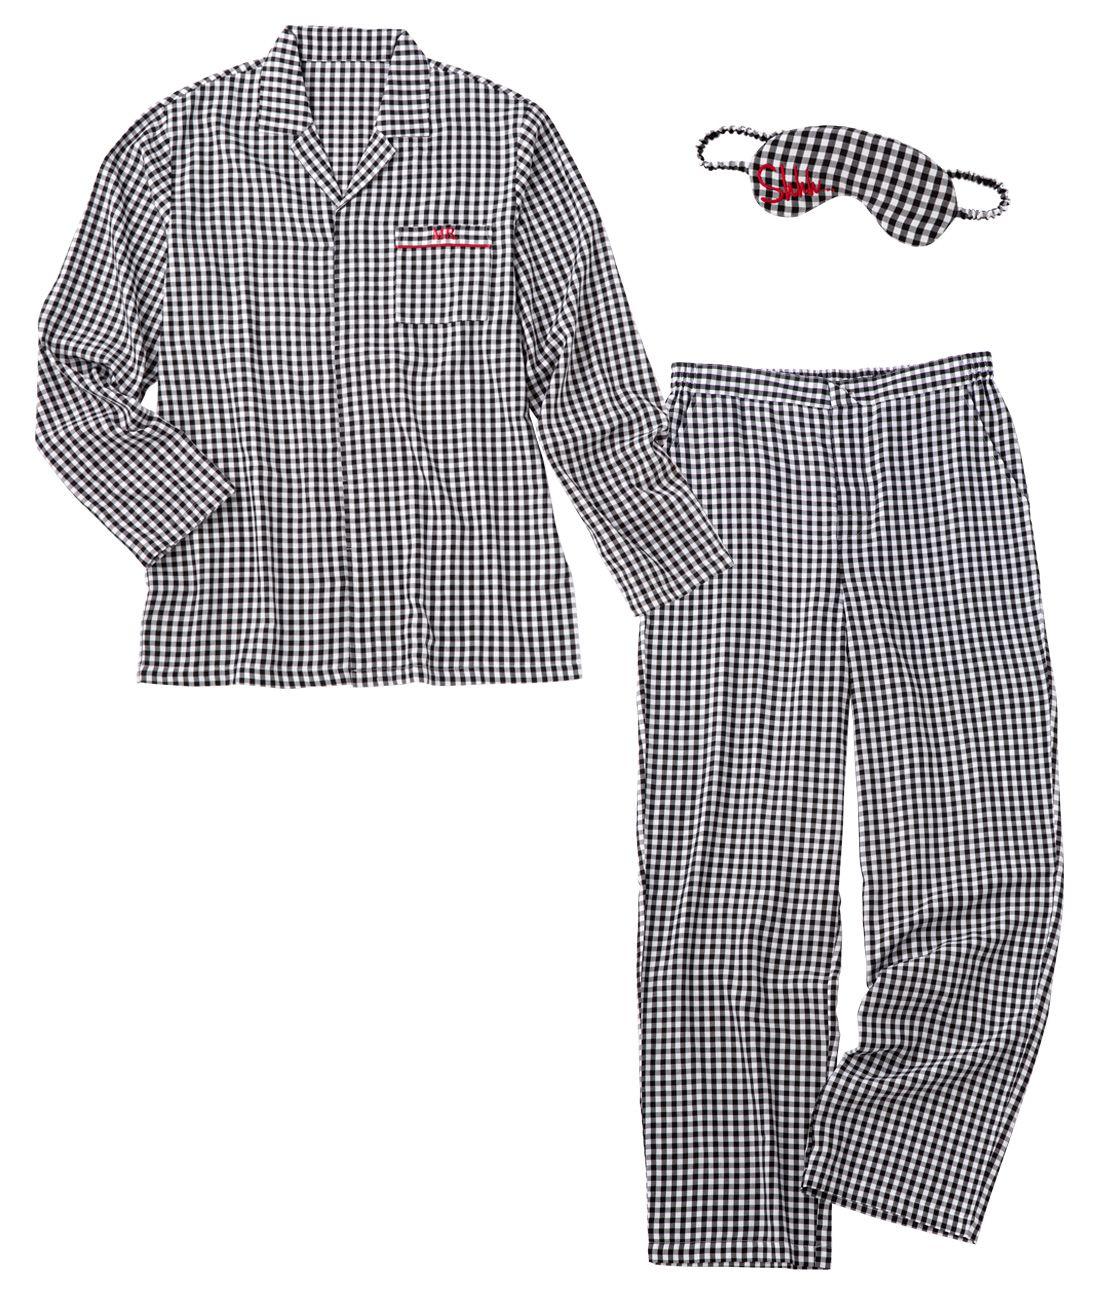 Men's shirt pajamas set